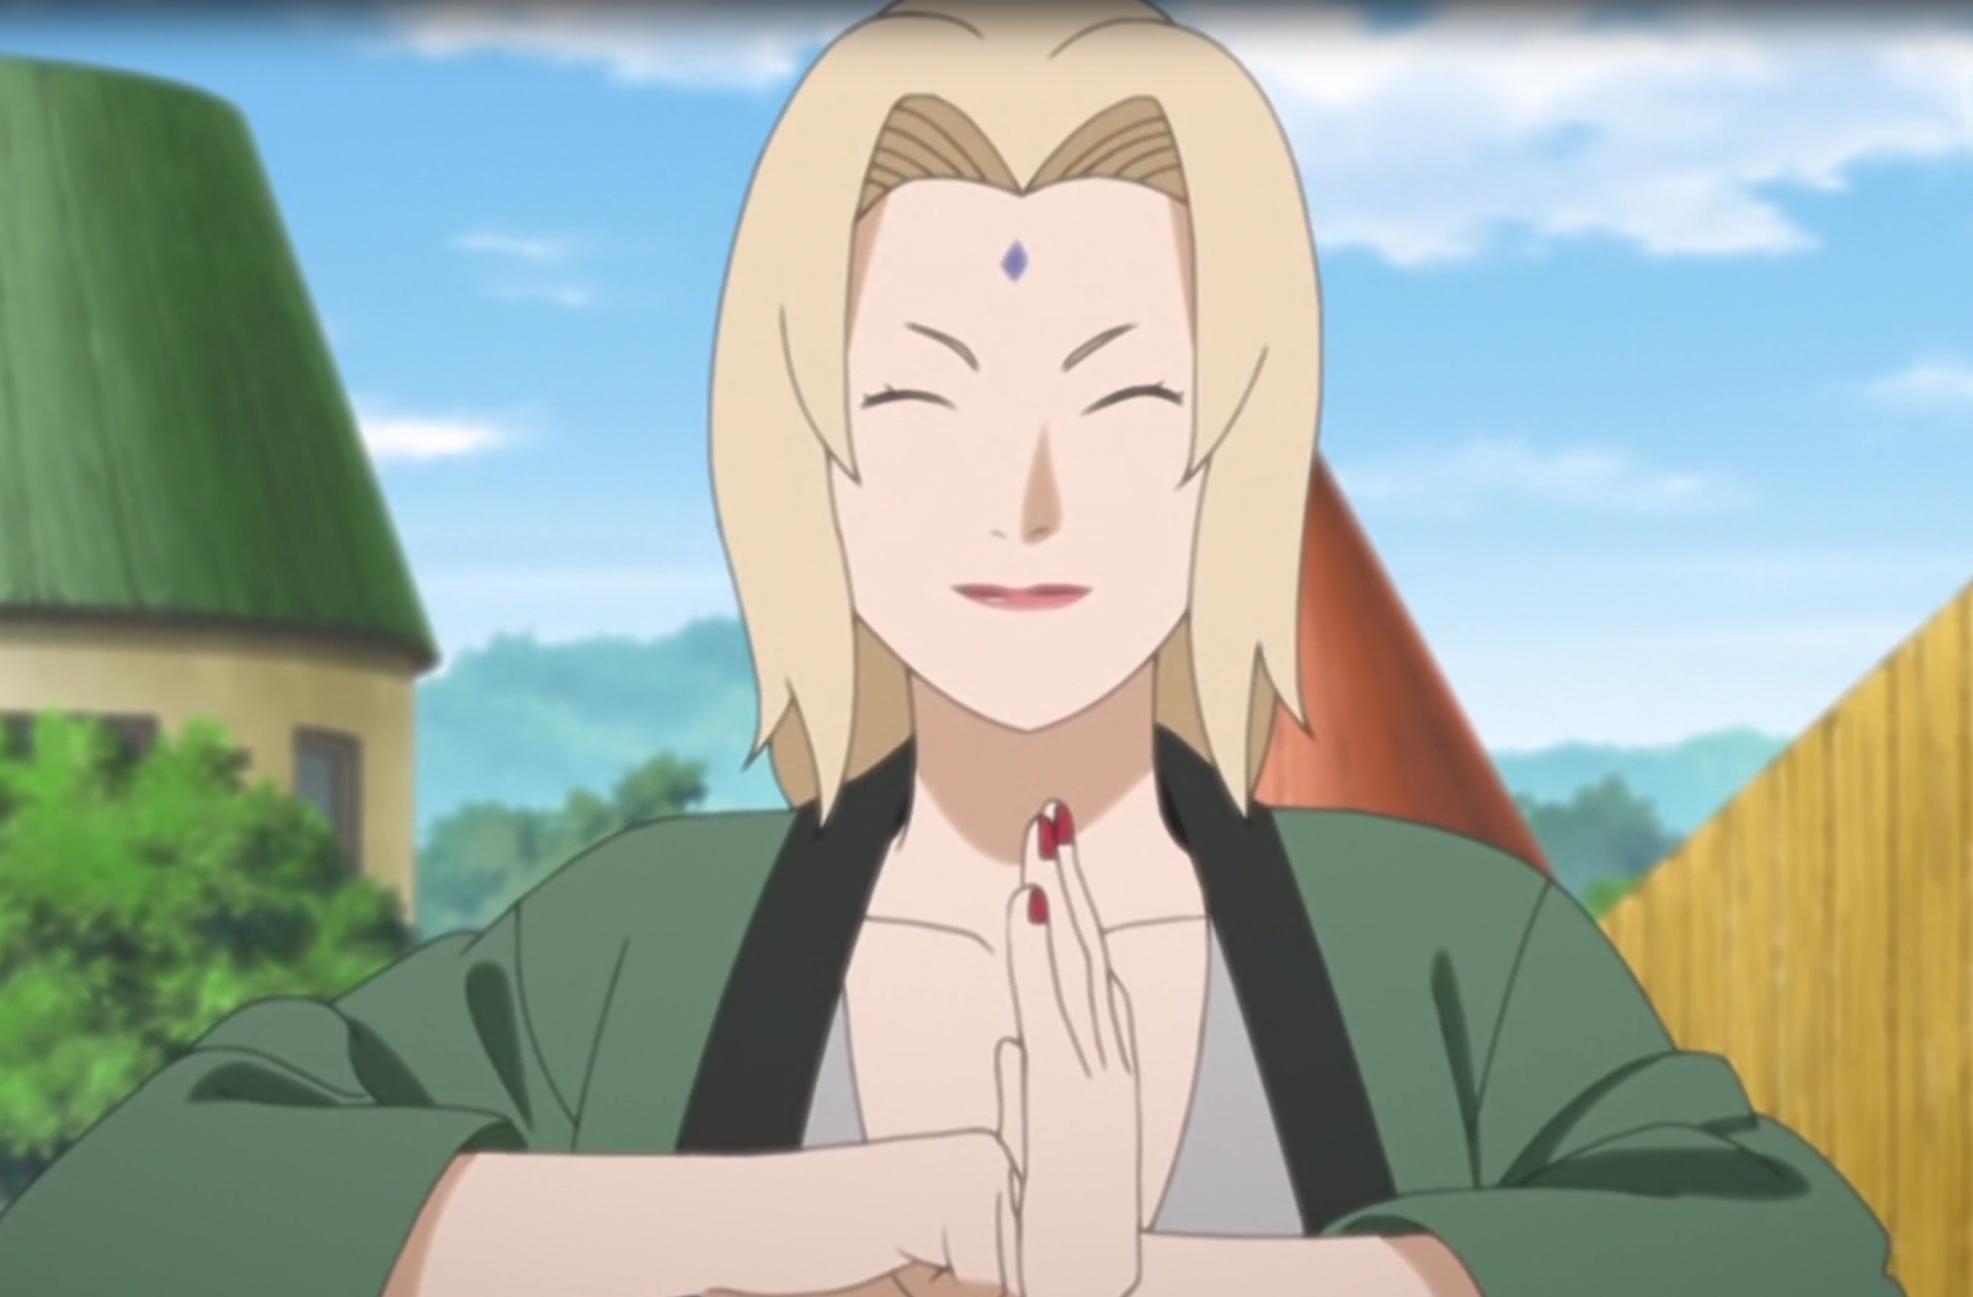 小櫻學會了綱手所有忍術,可為什麼覺得她們的實力依舊相差巨大?